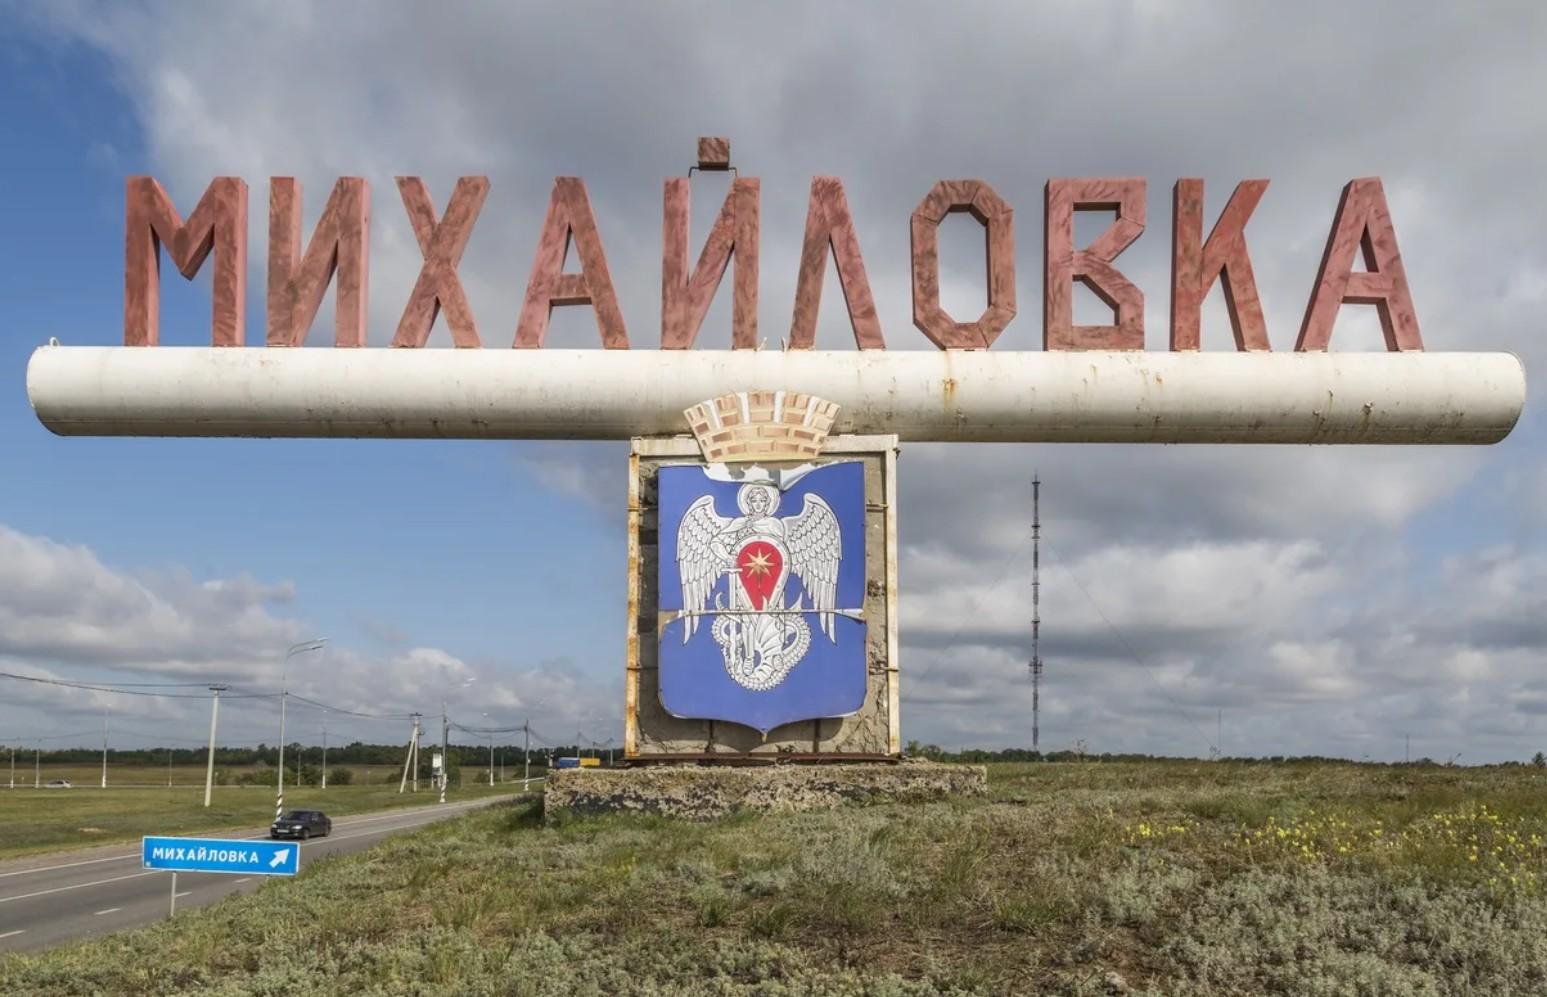 История и современность города Михайловка Волгоградской области. Интересные факты и не только.